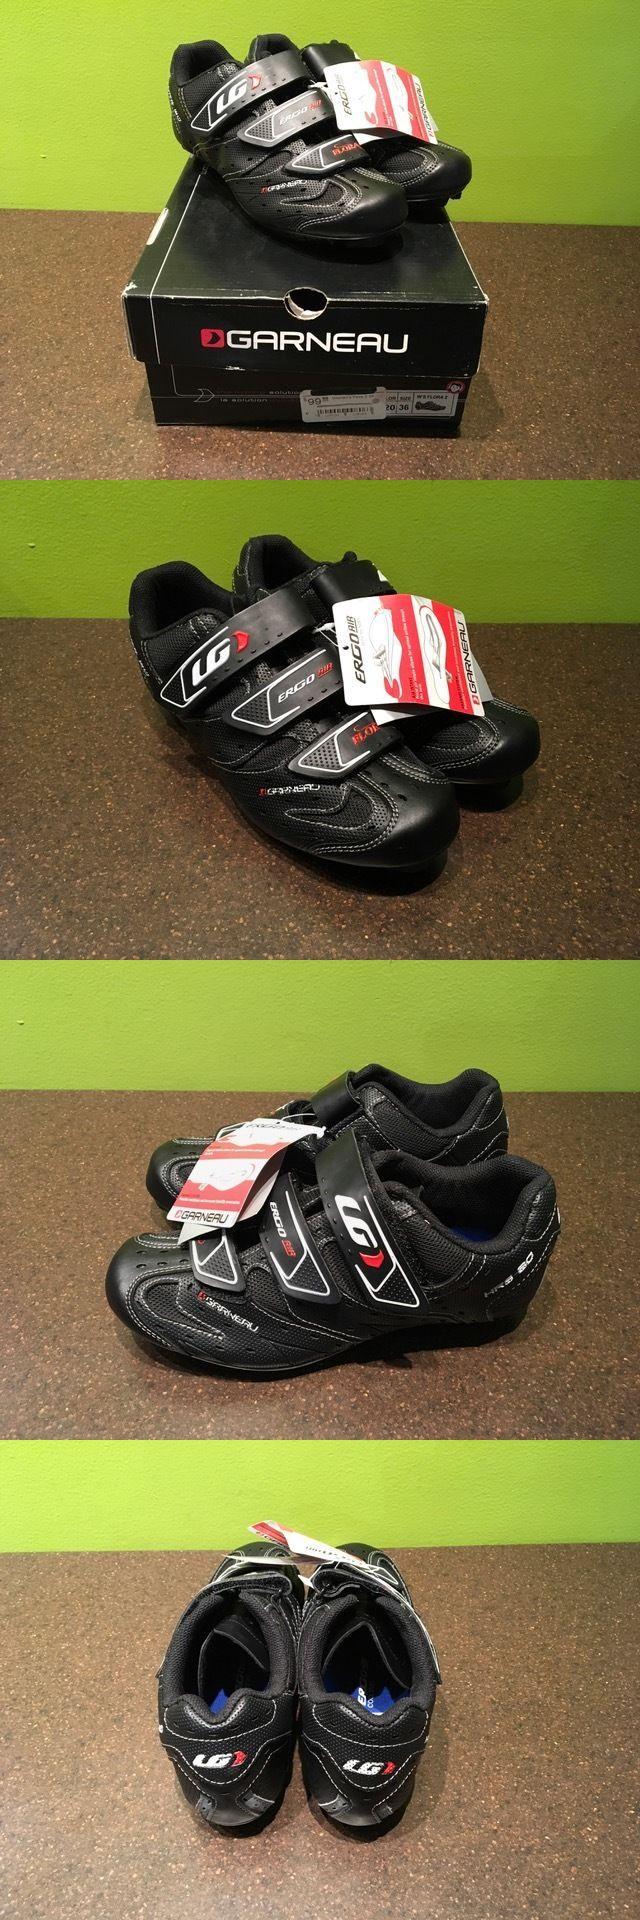 Shoe Covers 177863: Shoe Louis Garneau Womens Flora 2 Size 36 -> BUY IT NOW ONLY: $65 on eBay!